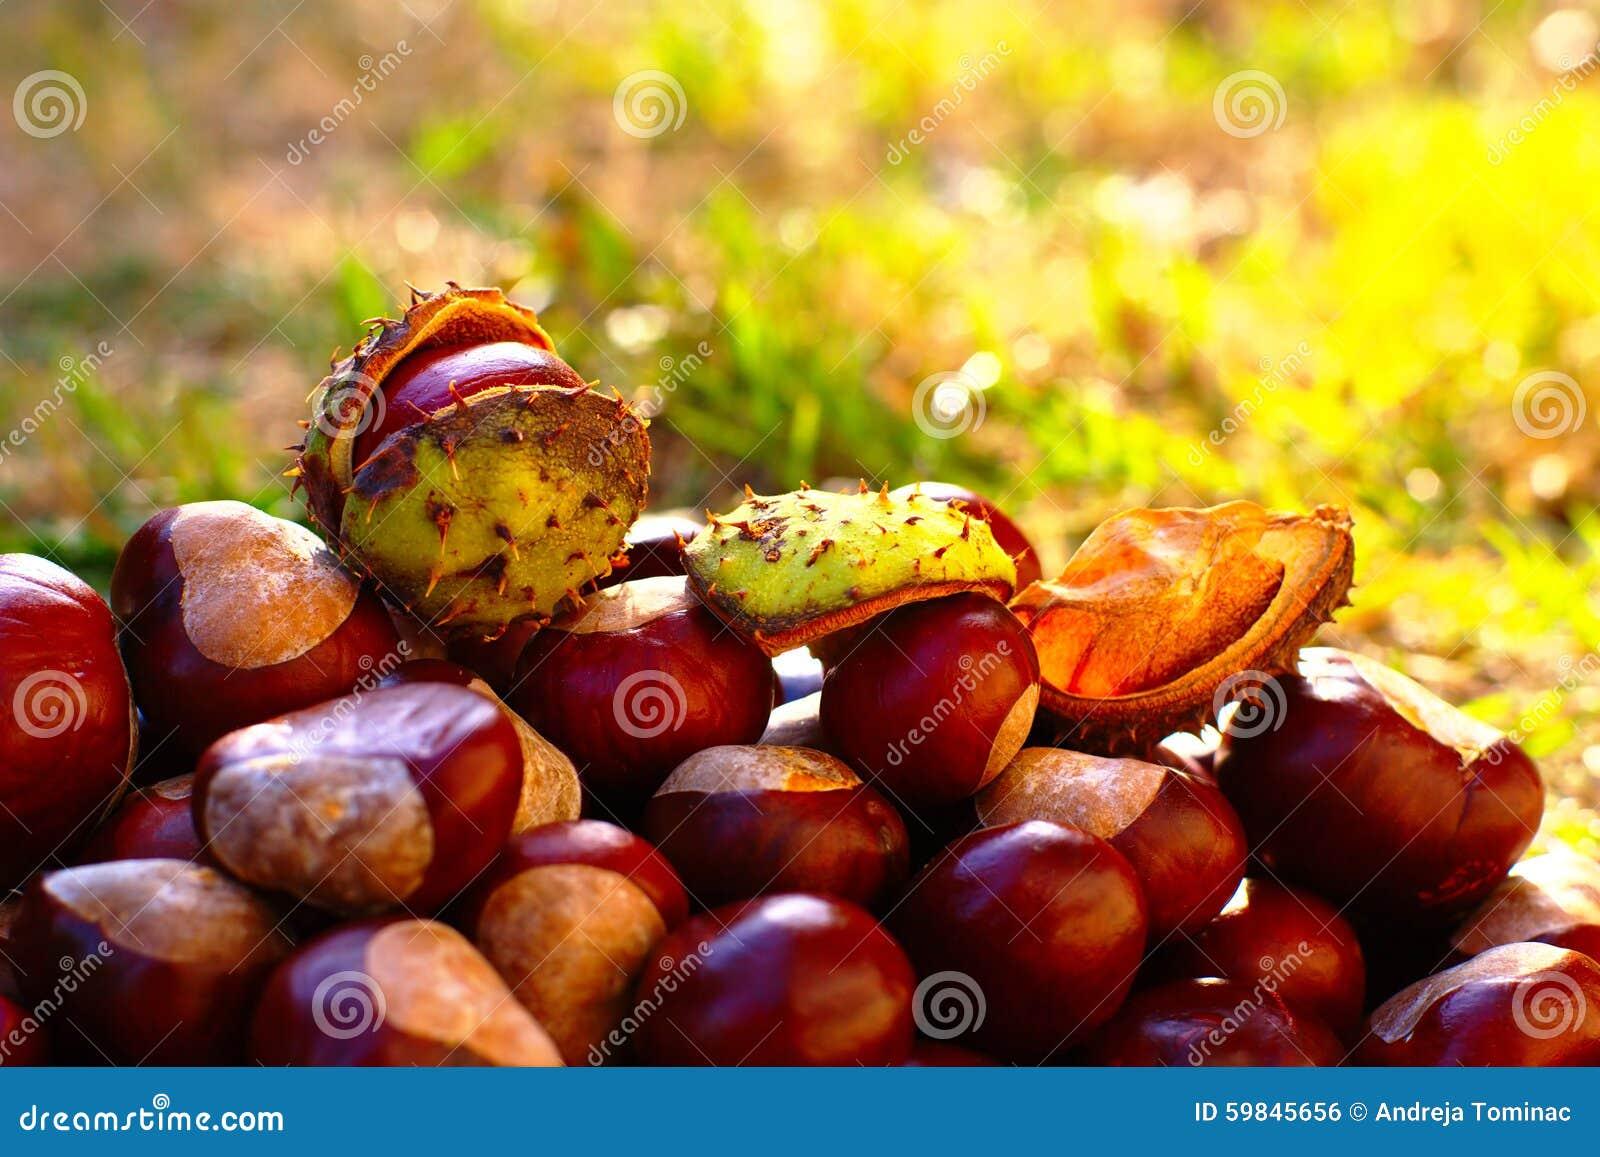 Fond d 39 automne avec des marrons d 39 inde photo stock image 59845656 - Activite avec des marrons ...